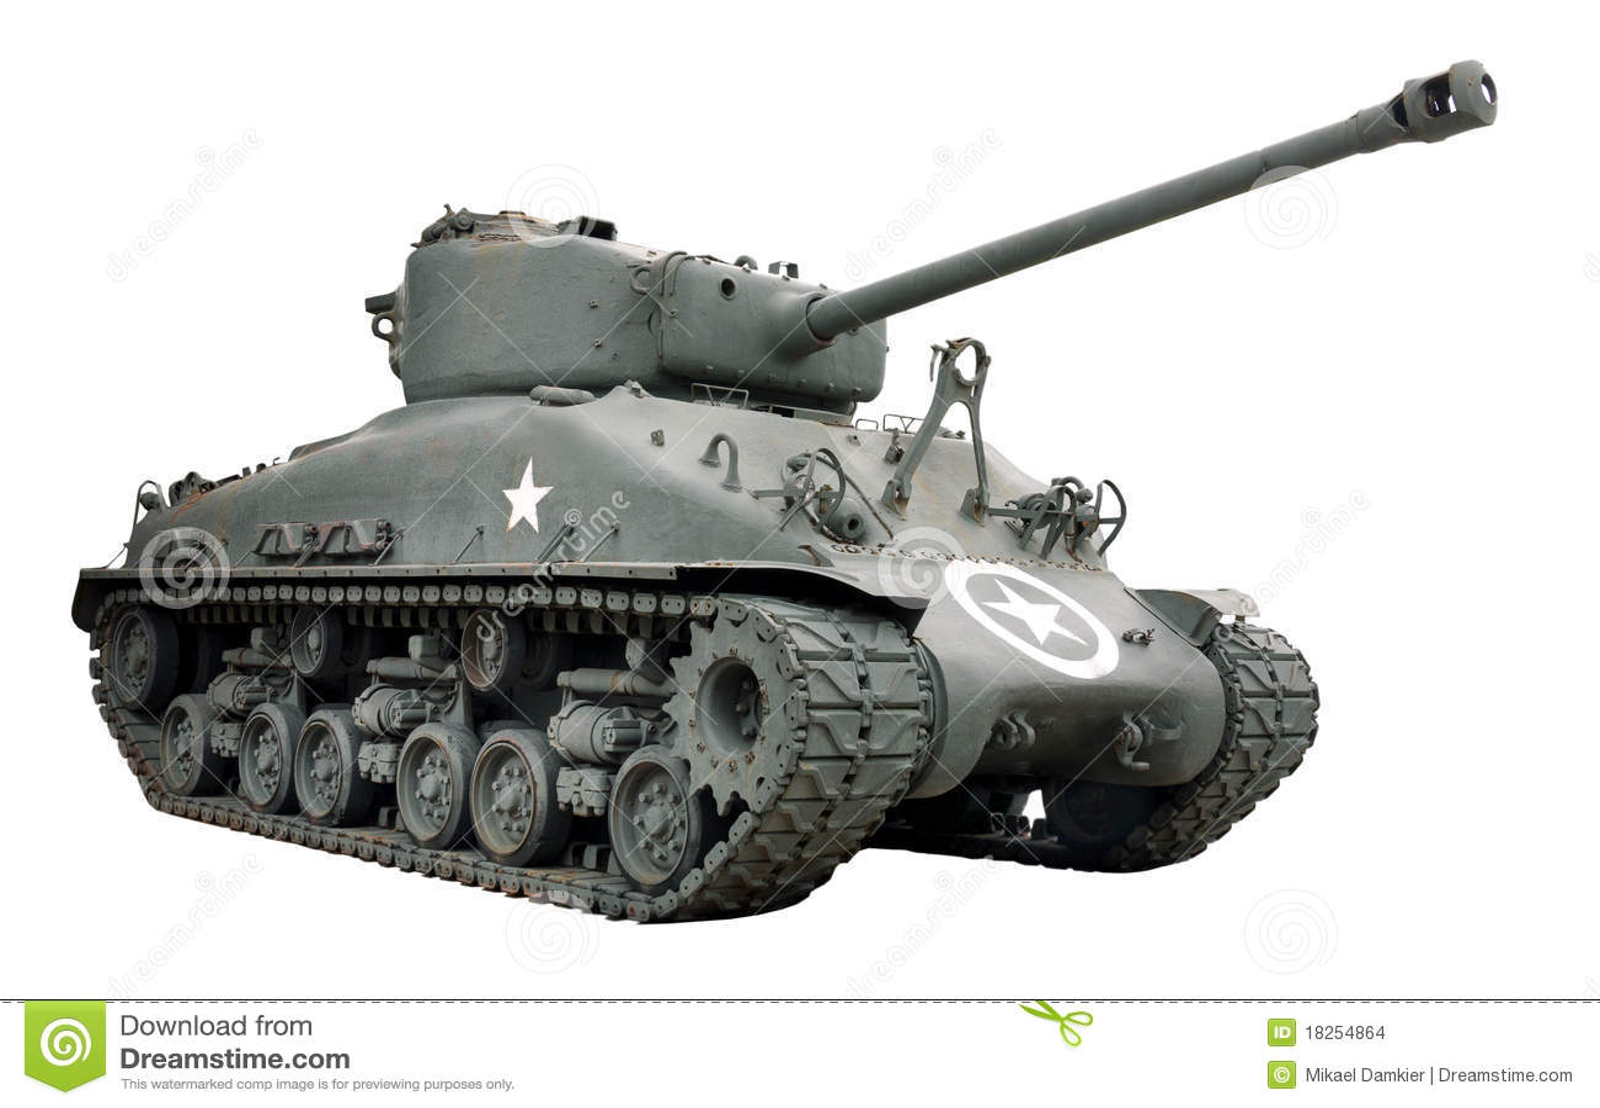 sherman tank stock images image 18254864